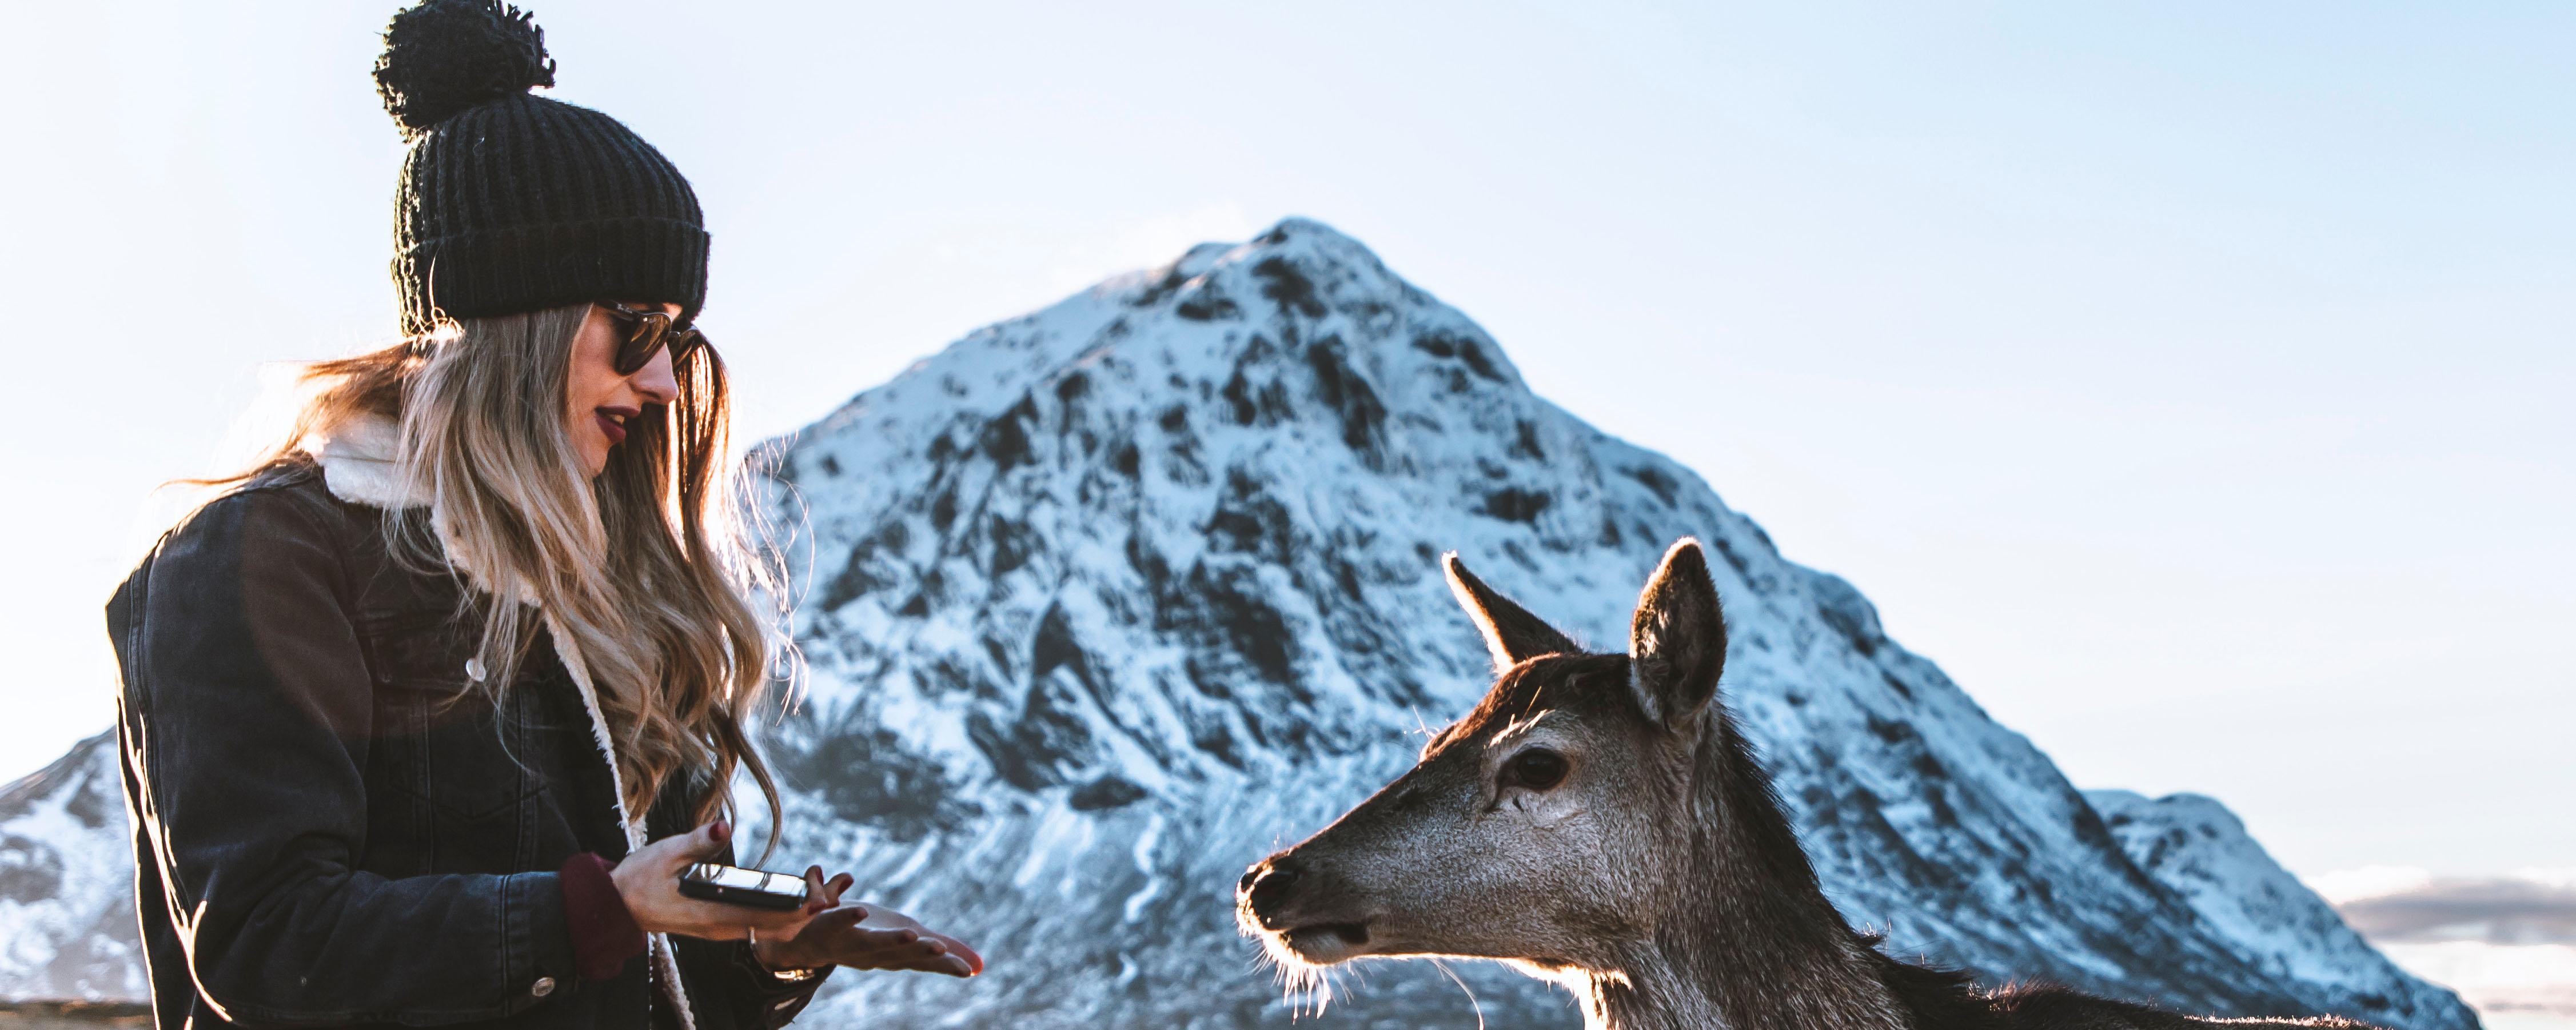 cool deer photo.jpg